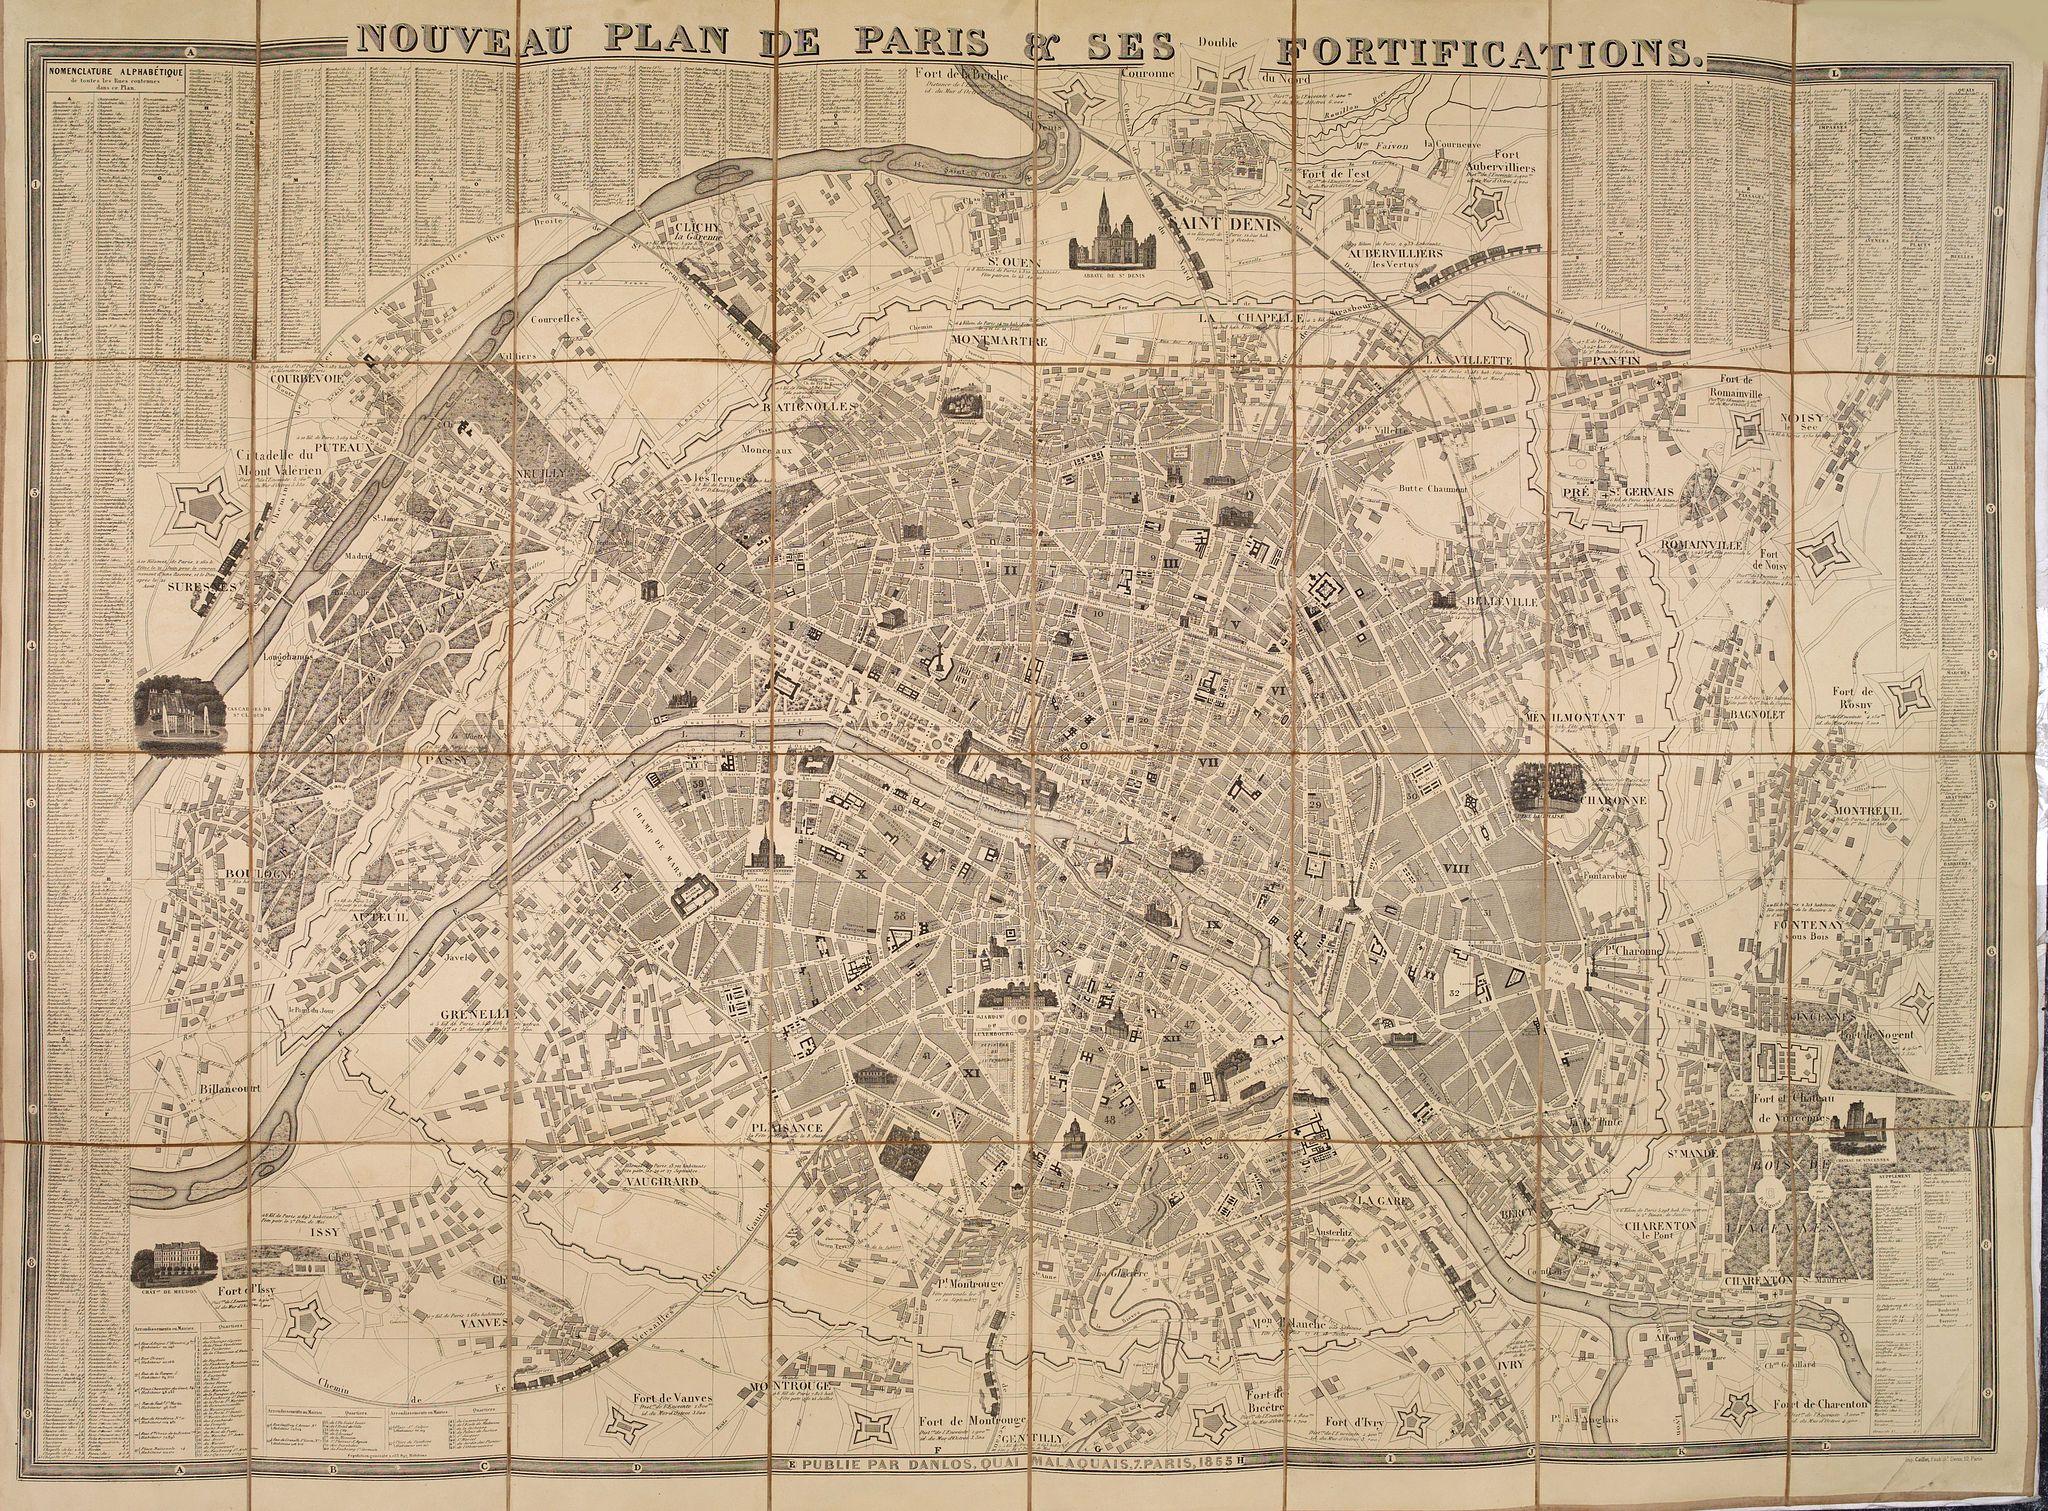 DANLOS -  Nouveau plan de Paris & ses fortifications.